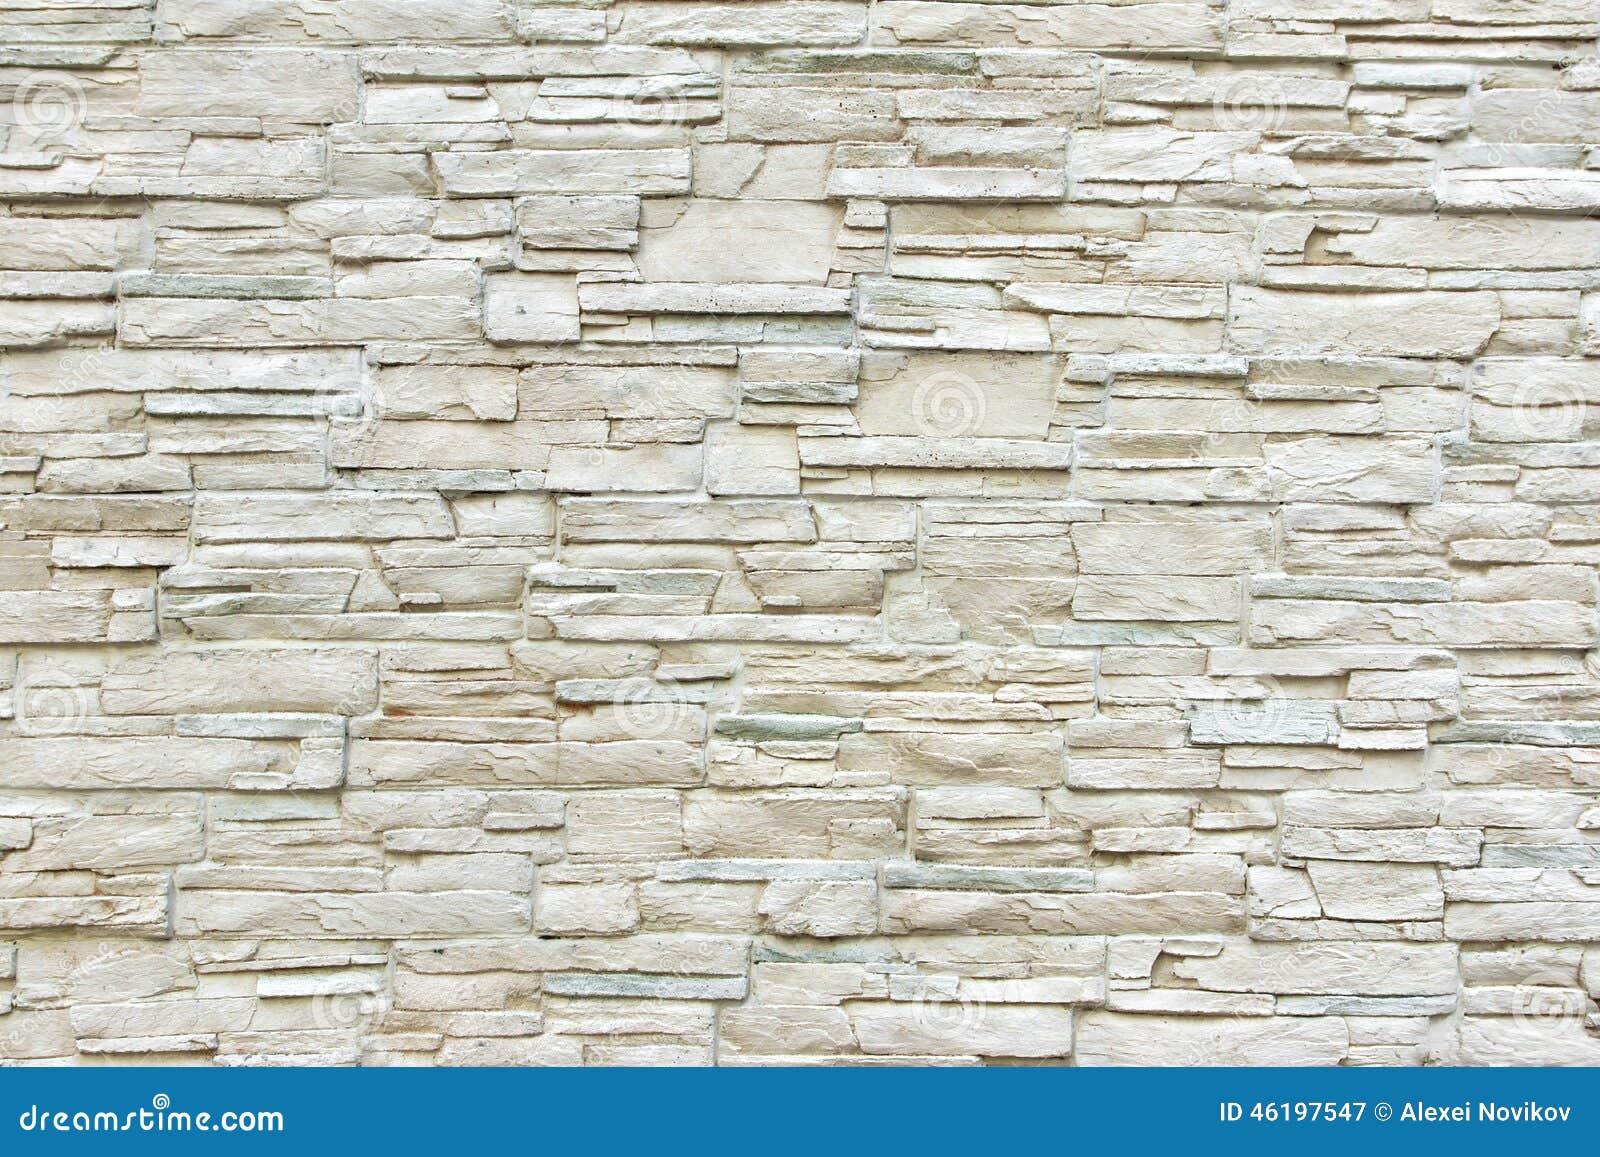 Pared de piedra artificial blanca imagen de archivo - Paredes de piedra artificial ...